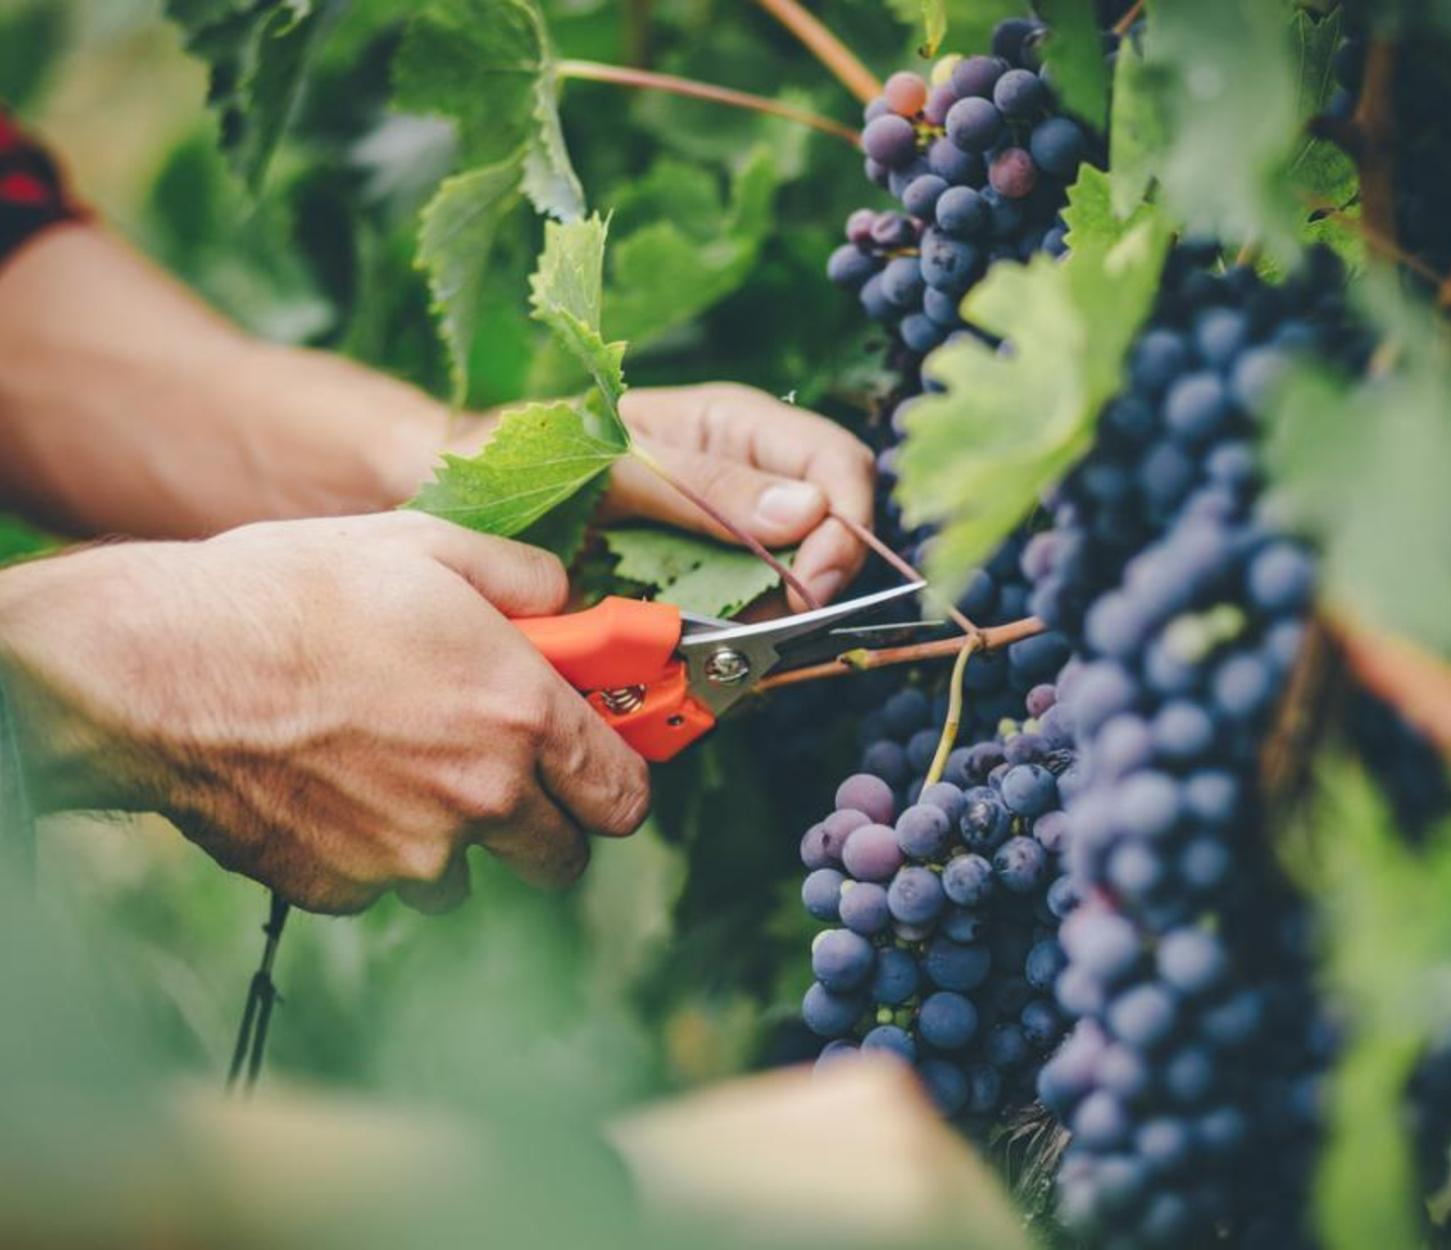 vantagens da fruta para a saúde